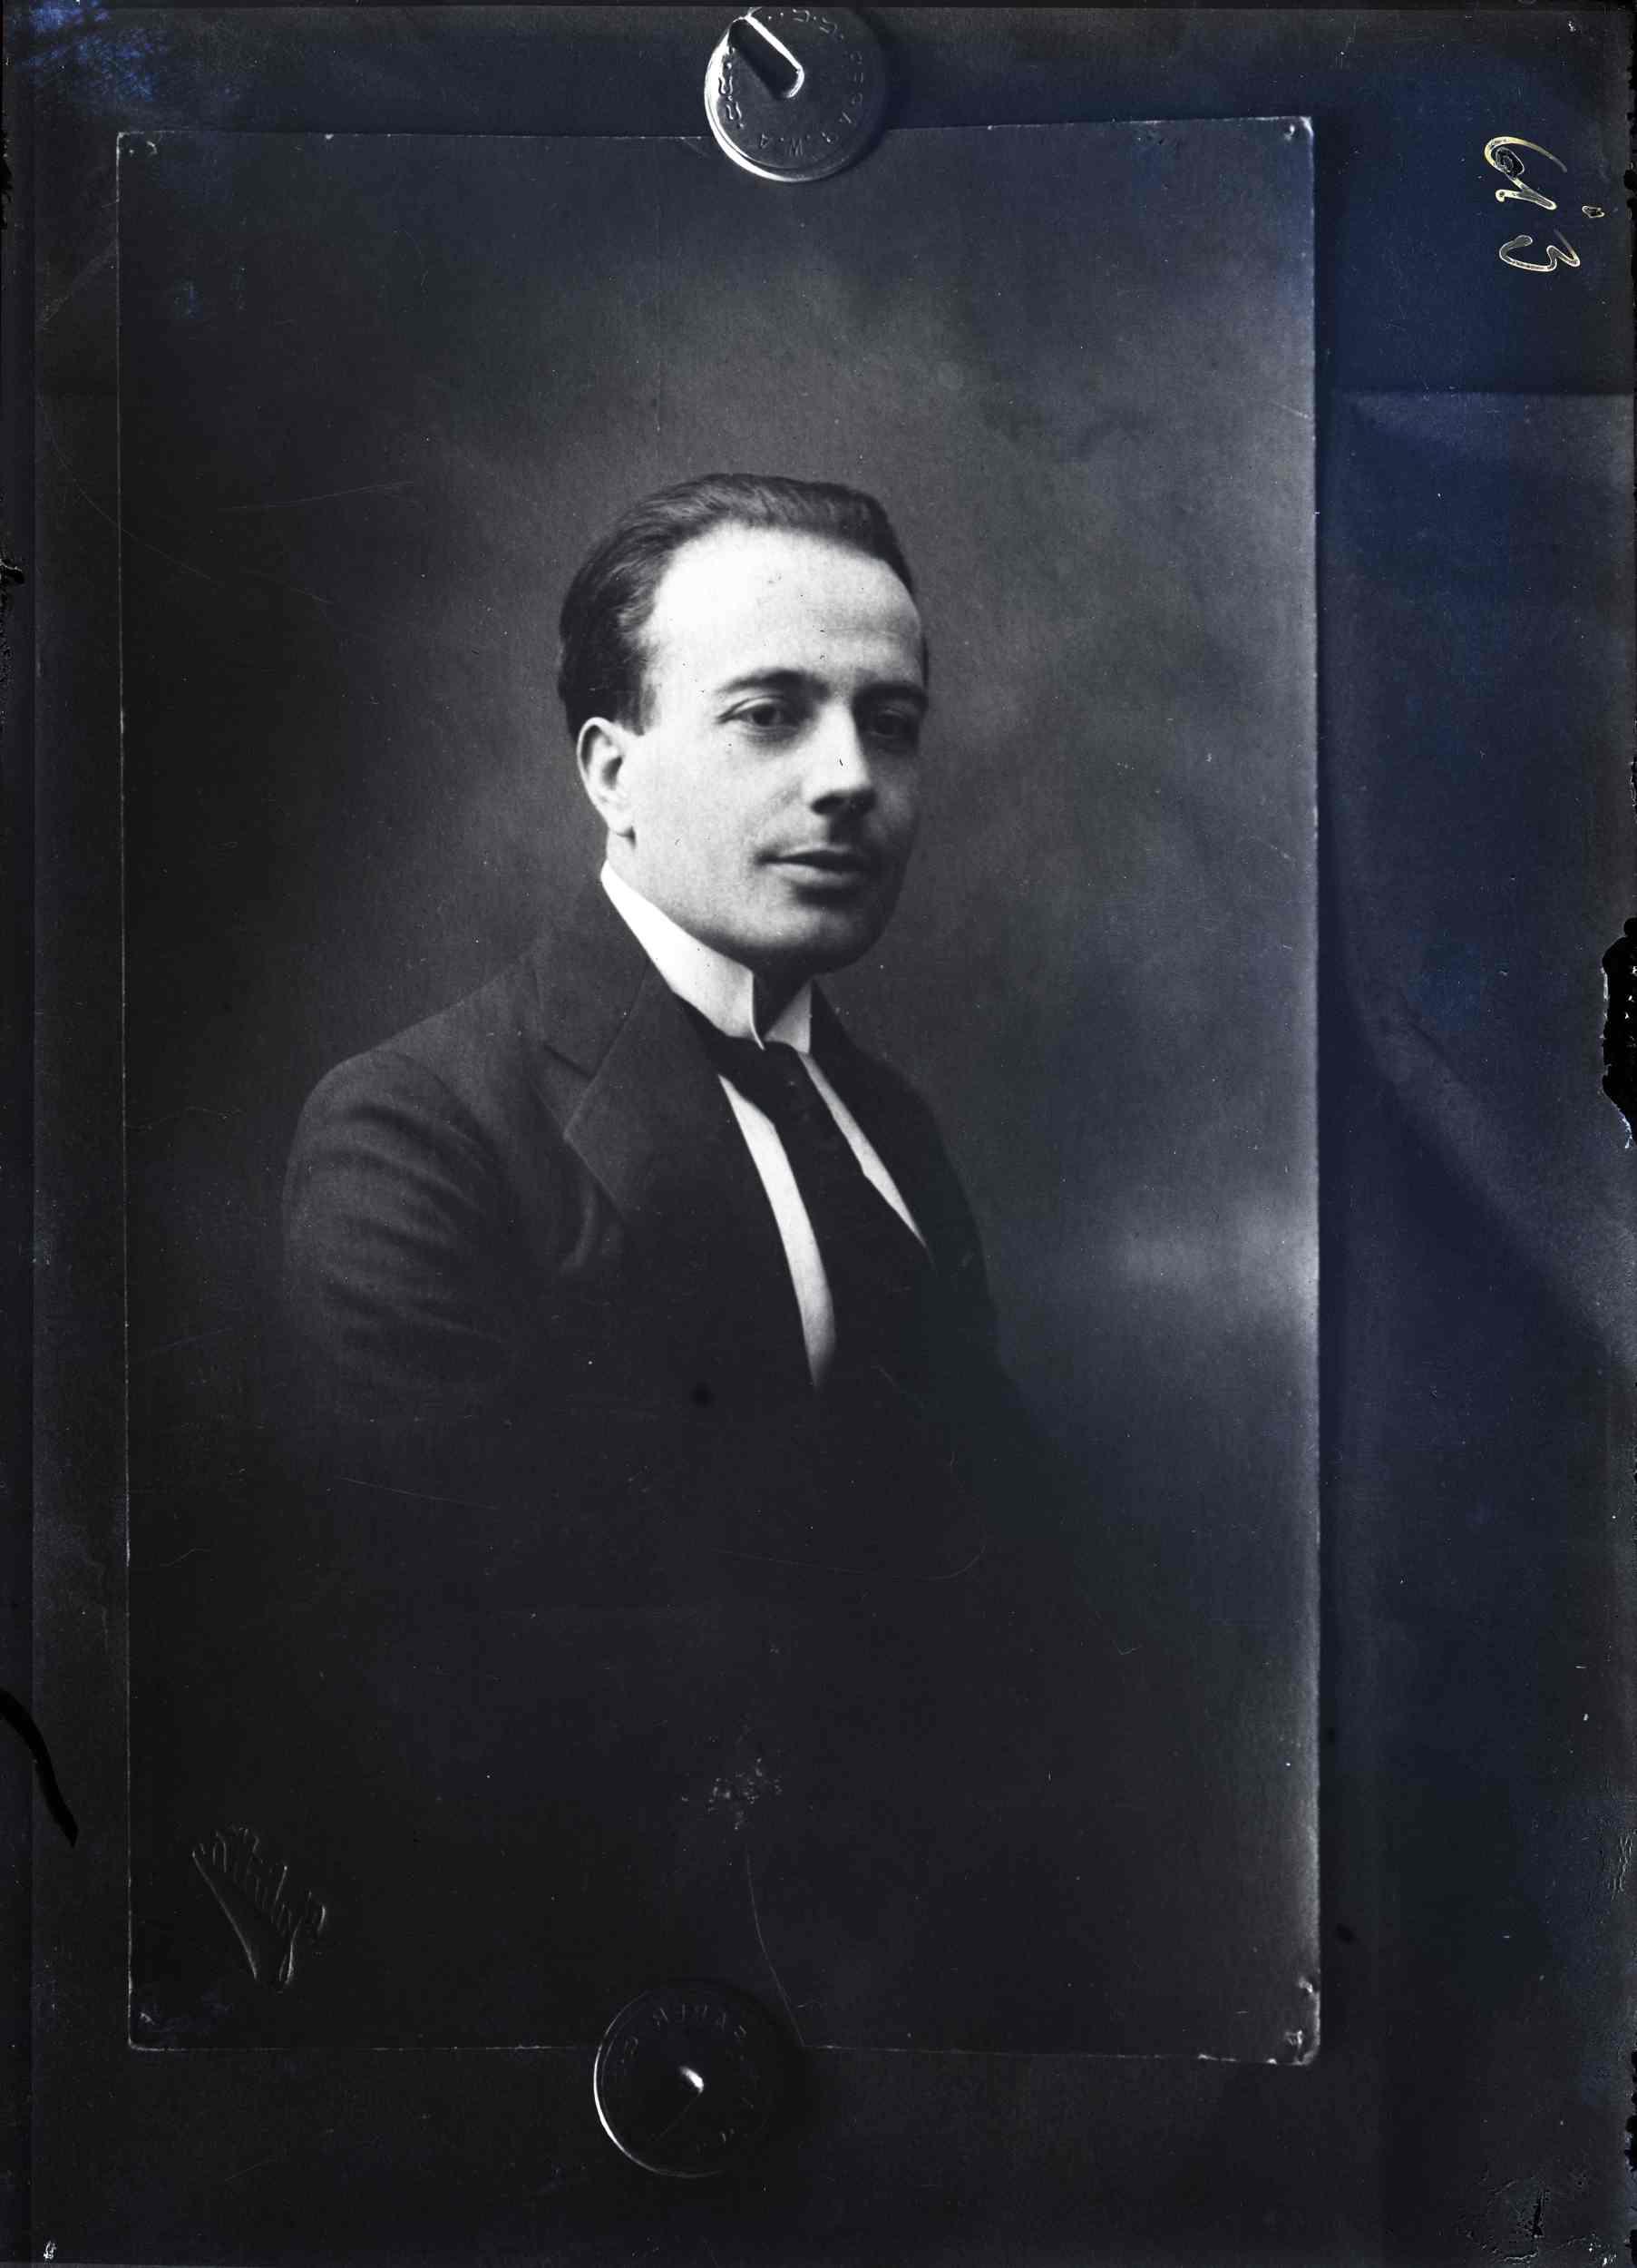 """Portretul lui Mihail Manoilescu, comisarul general al Expoziției-Târg, realizat la atelierul fotografic """"Foto Julietta"""